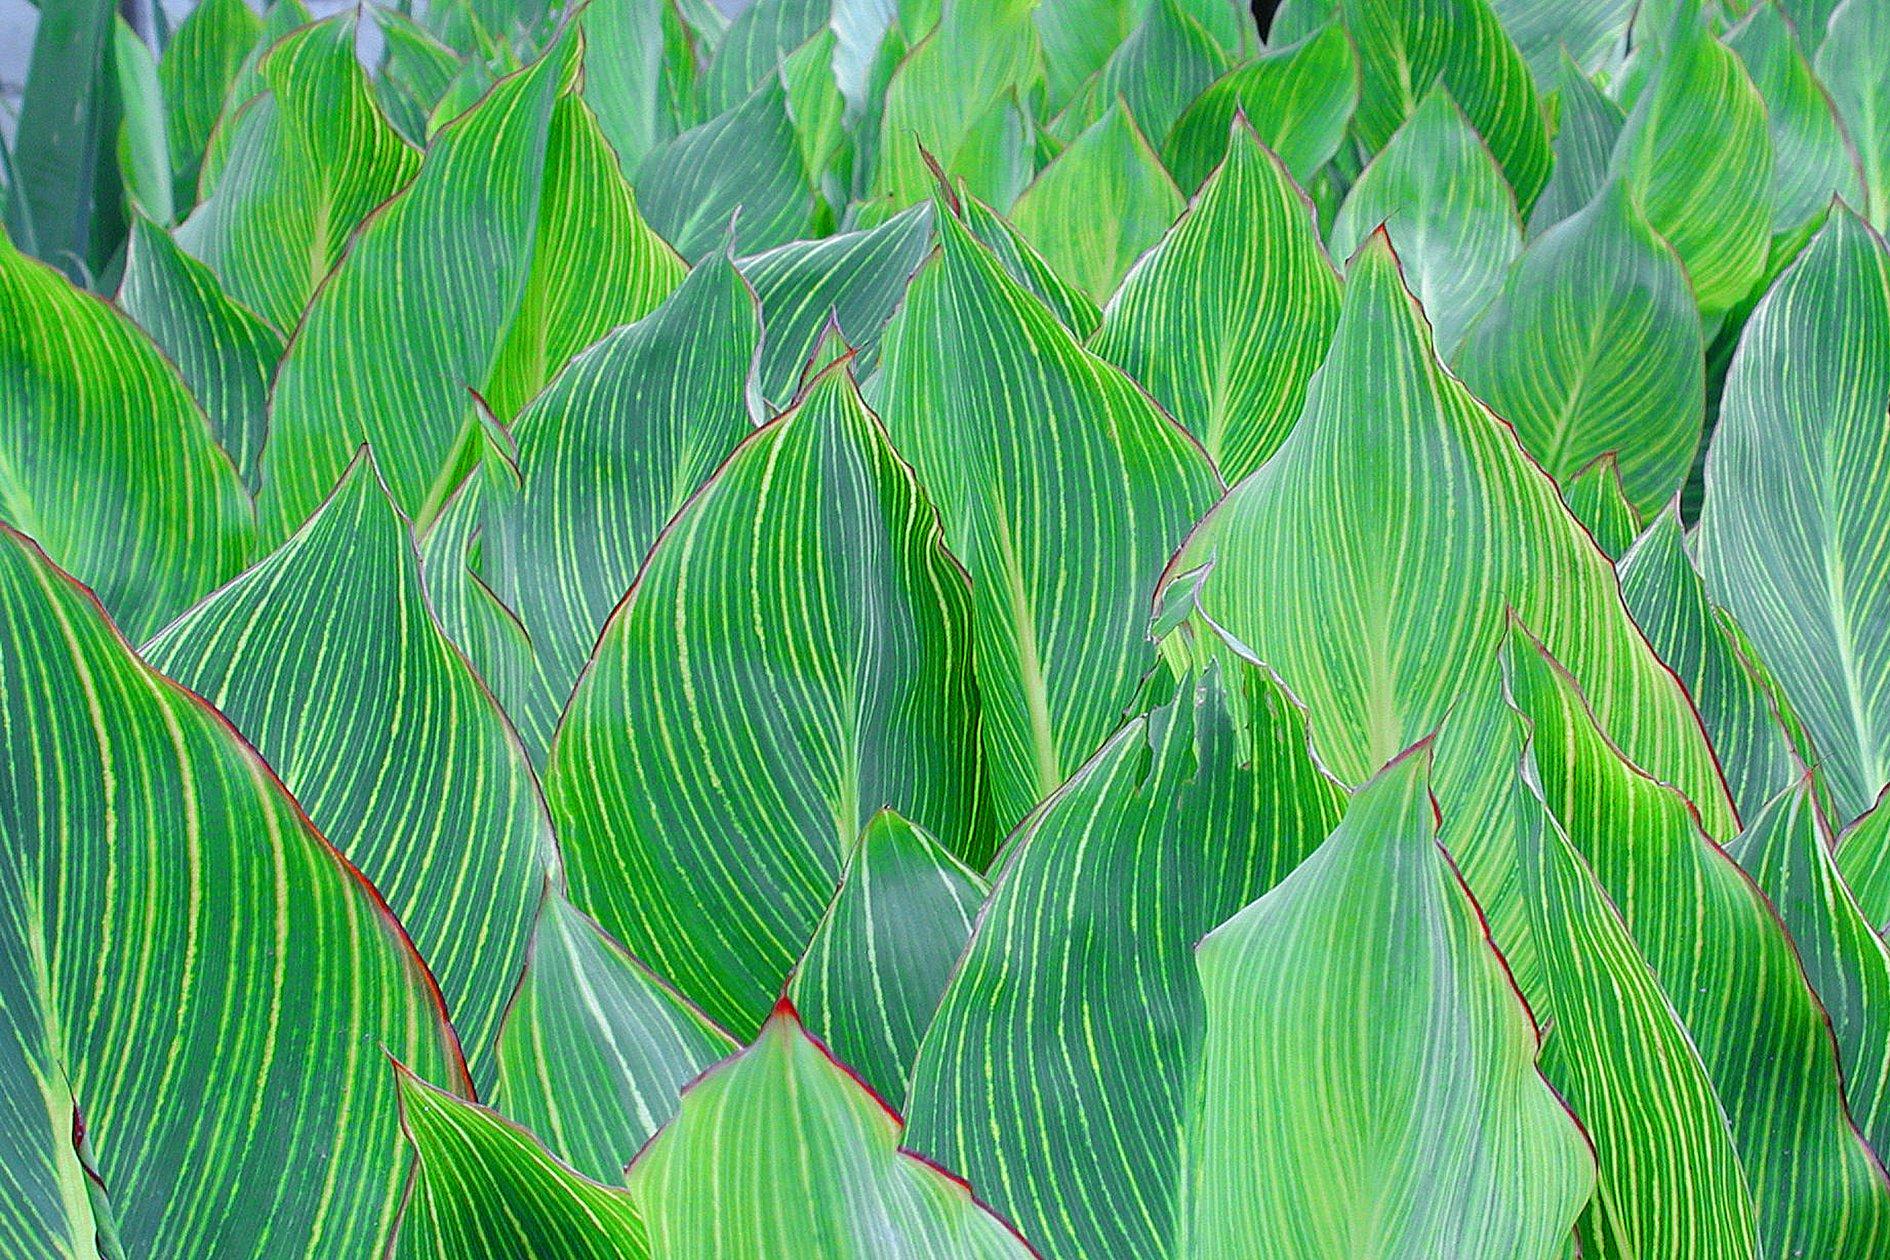 Fotografía de hojas por Cote Cabrera. 2018